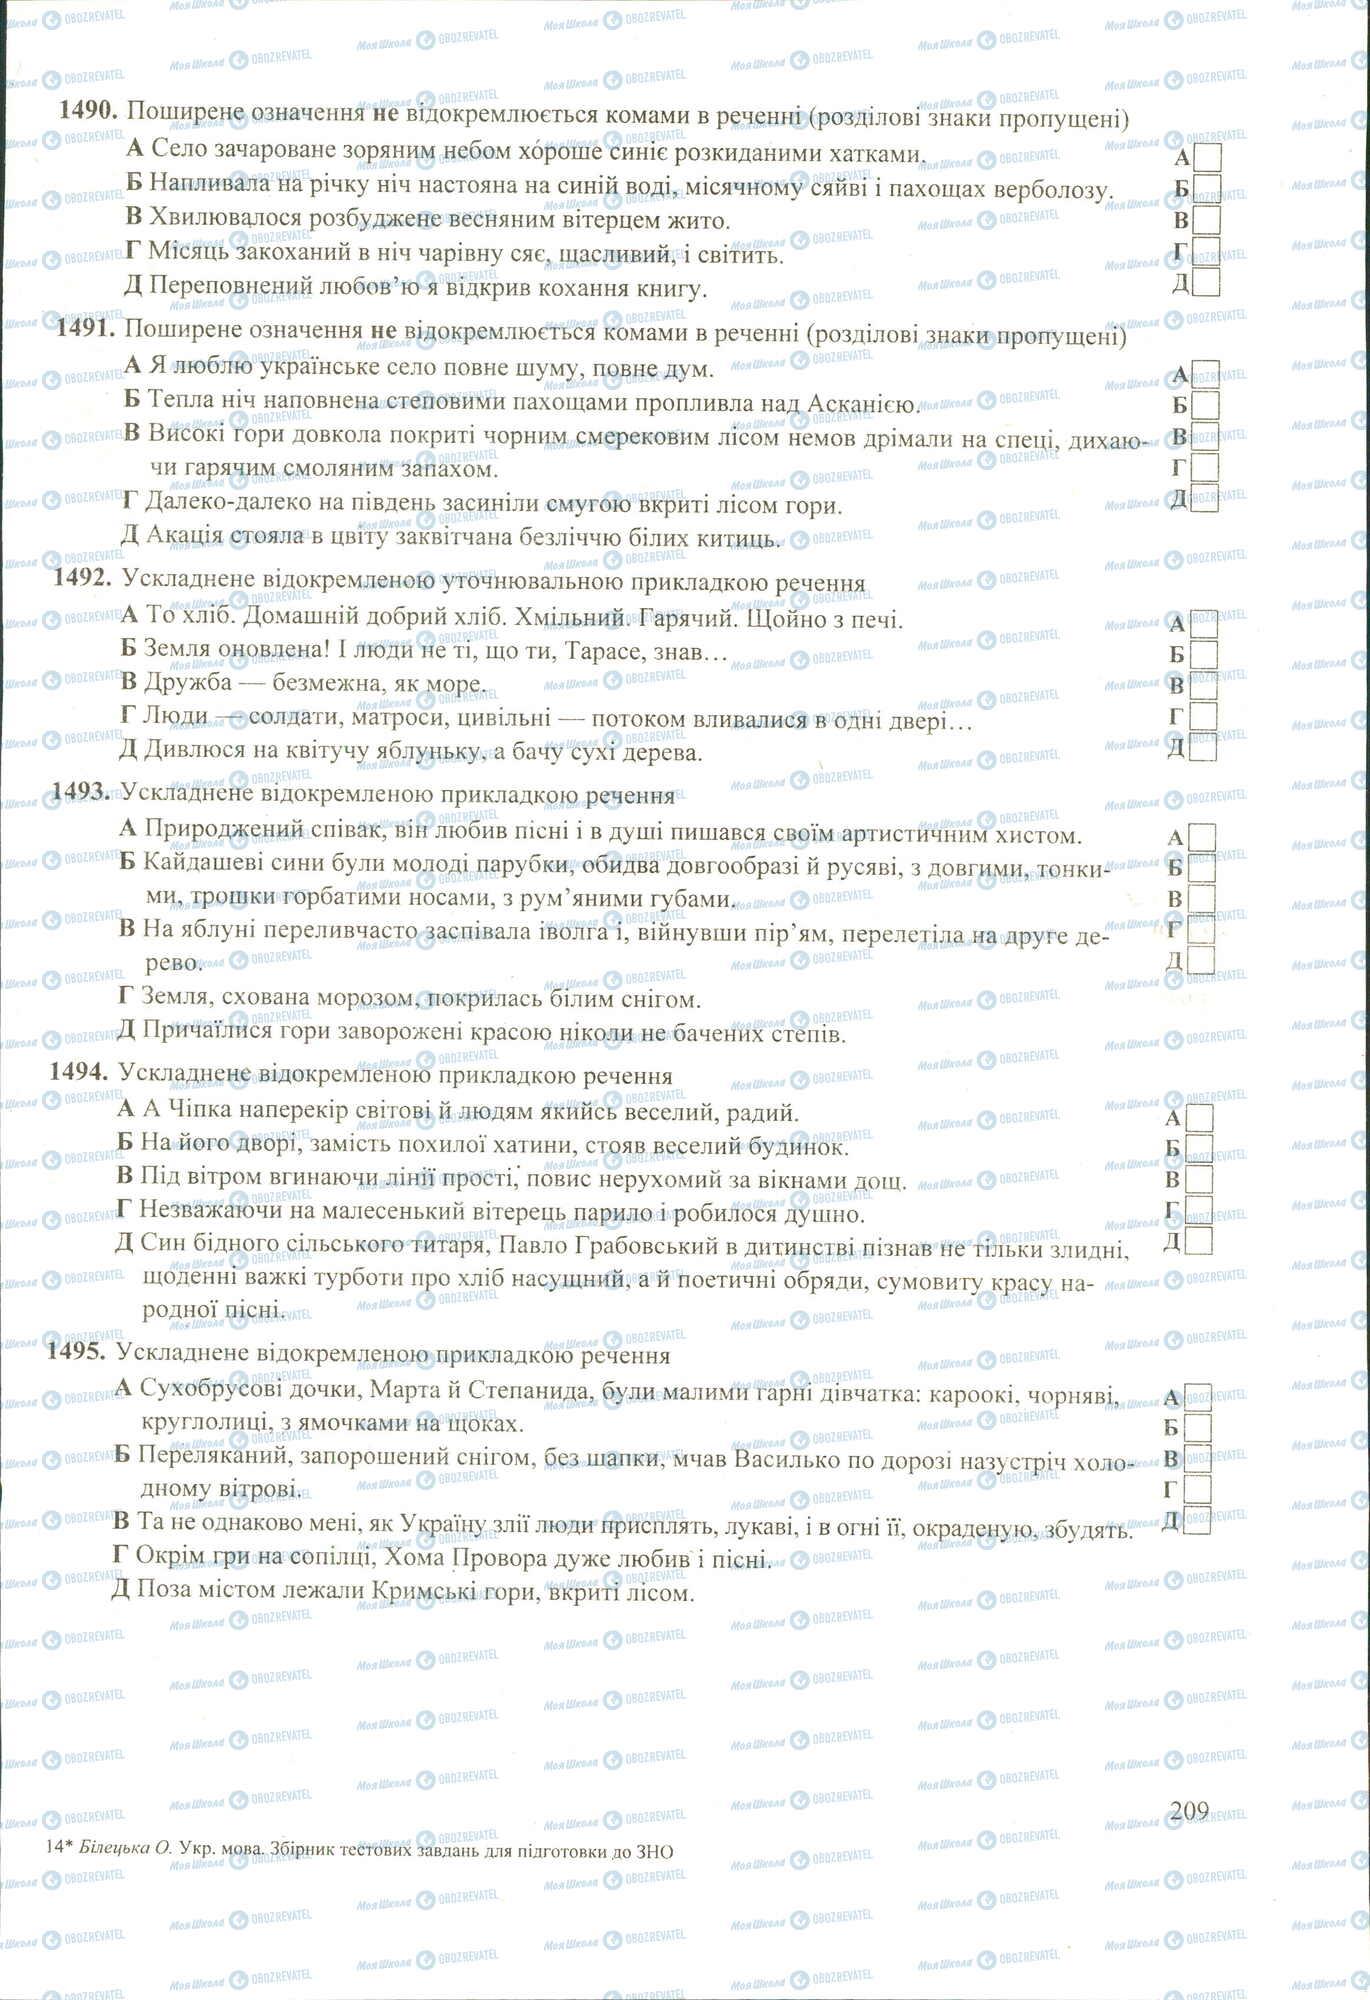 ЗНО Укр мова 11 класс страница 1490-1495